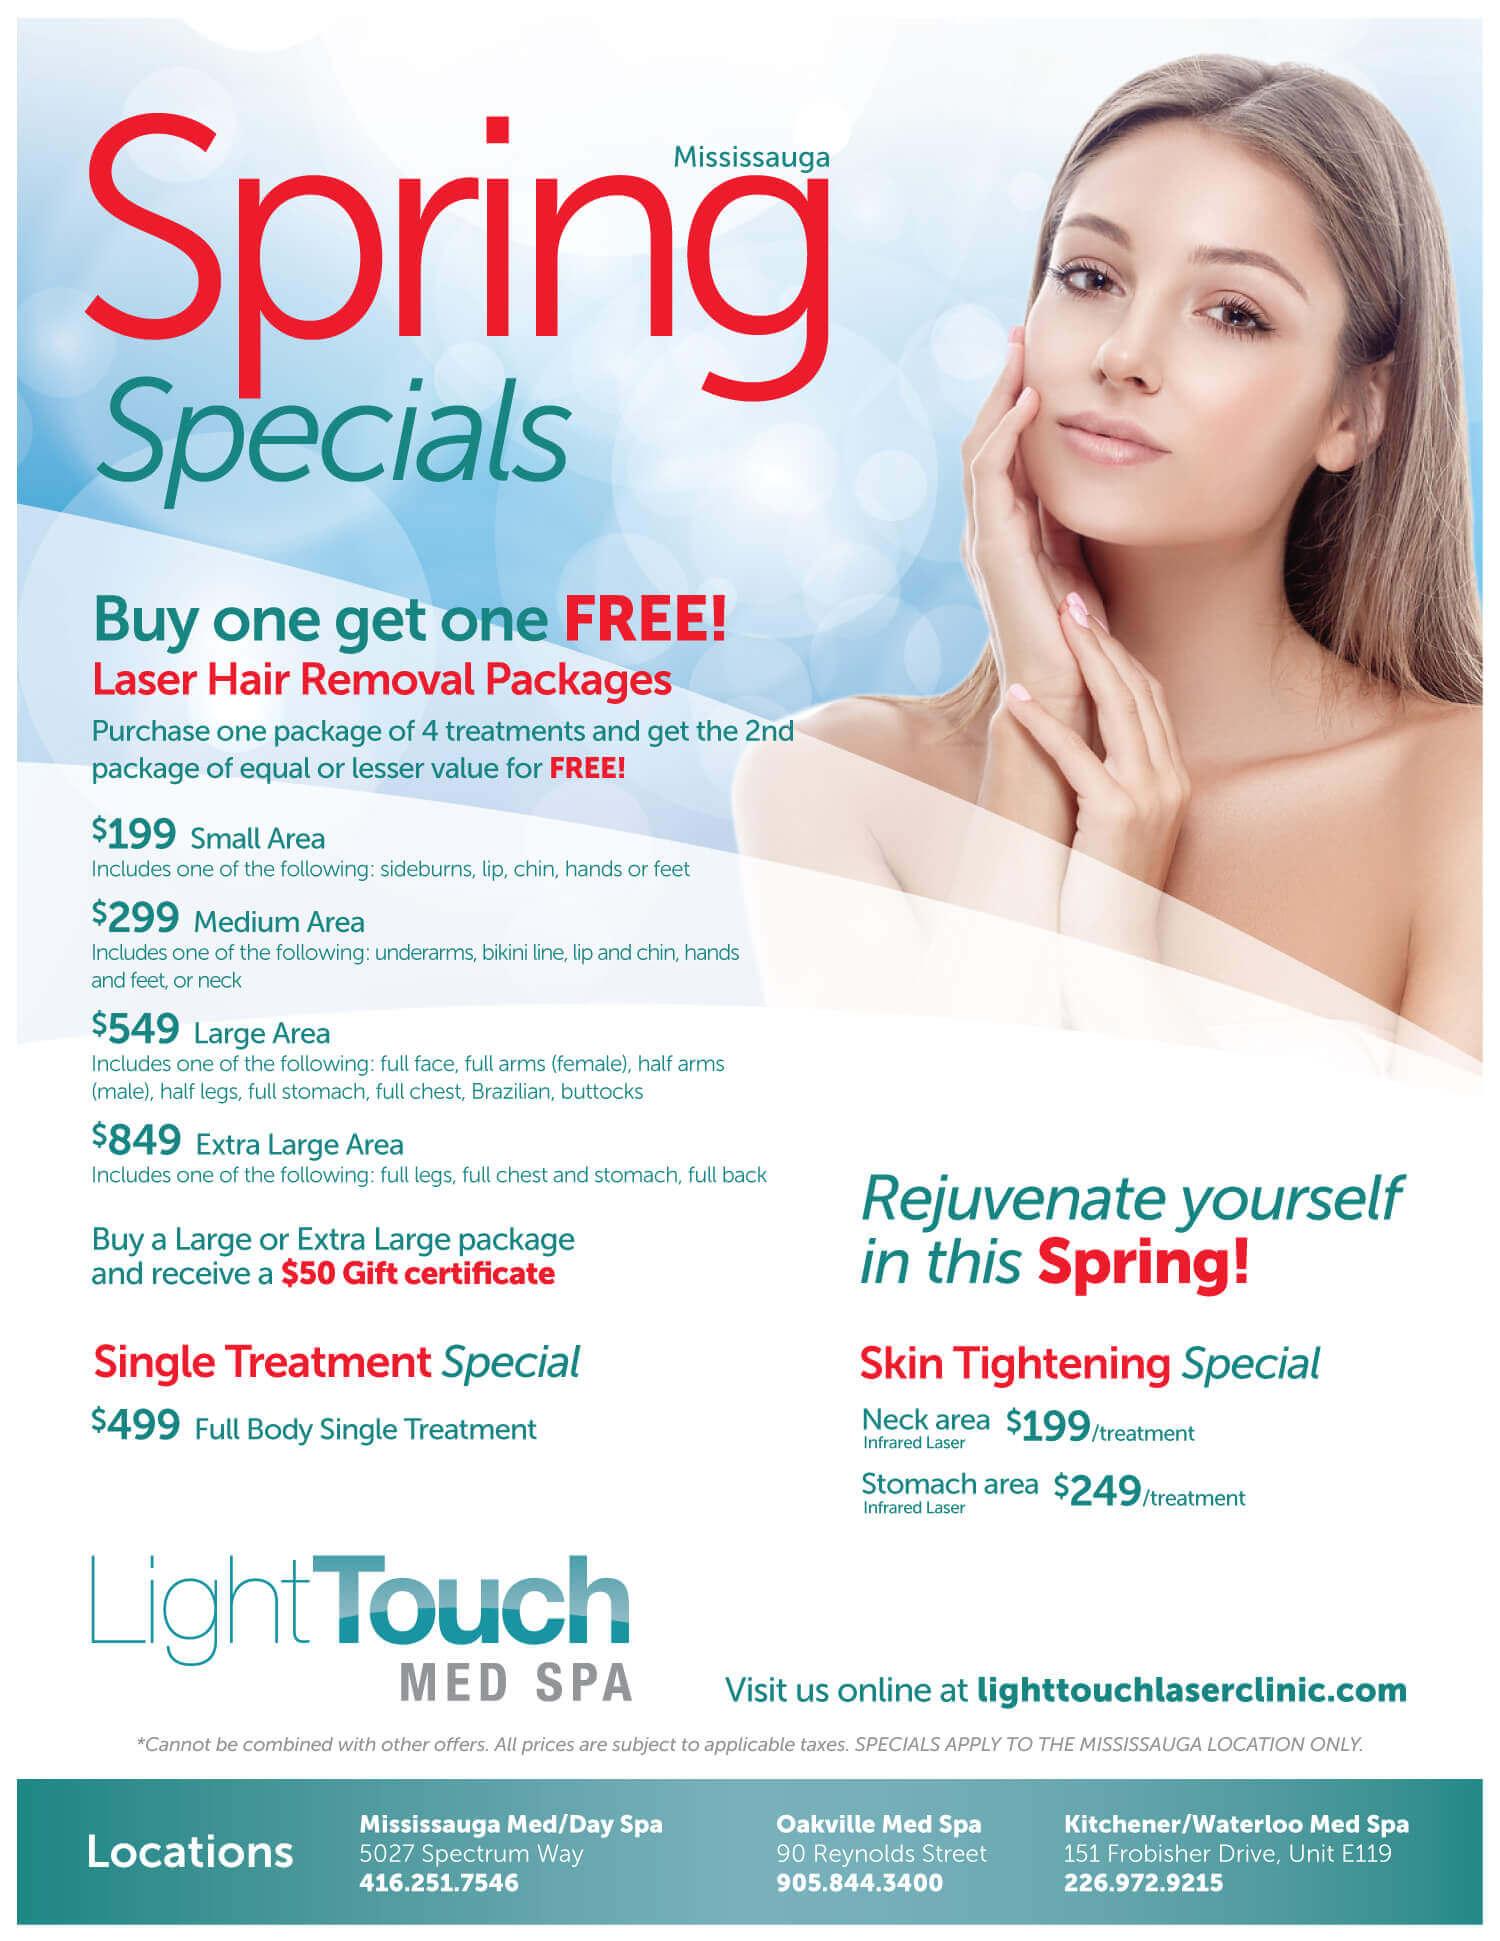 LightTouch_SpringLaser_Mississauga_Flyer_Mar3117_V1